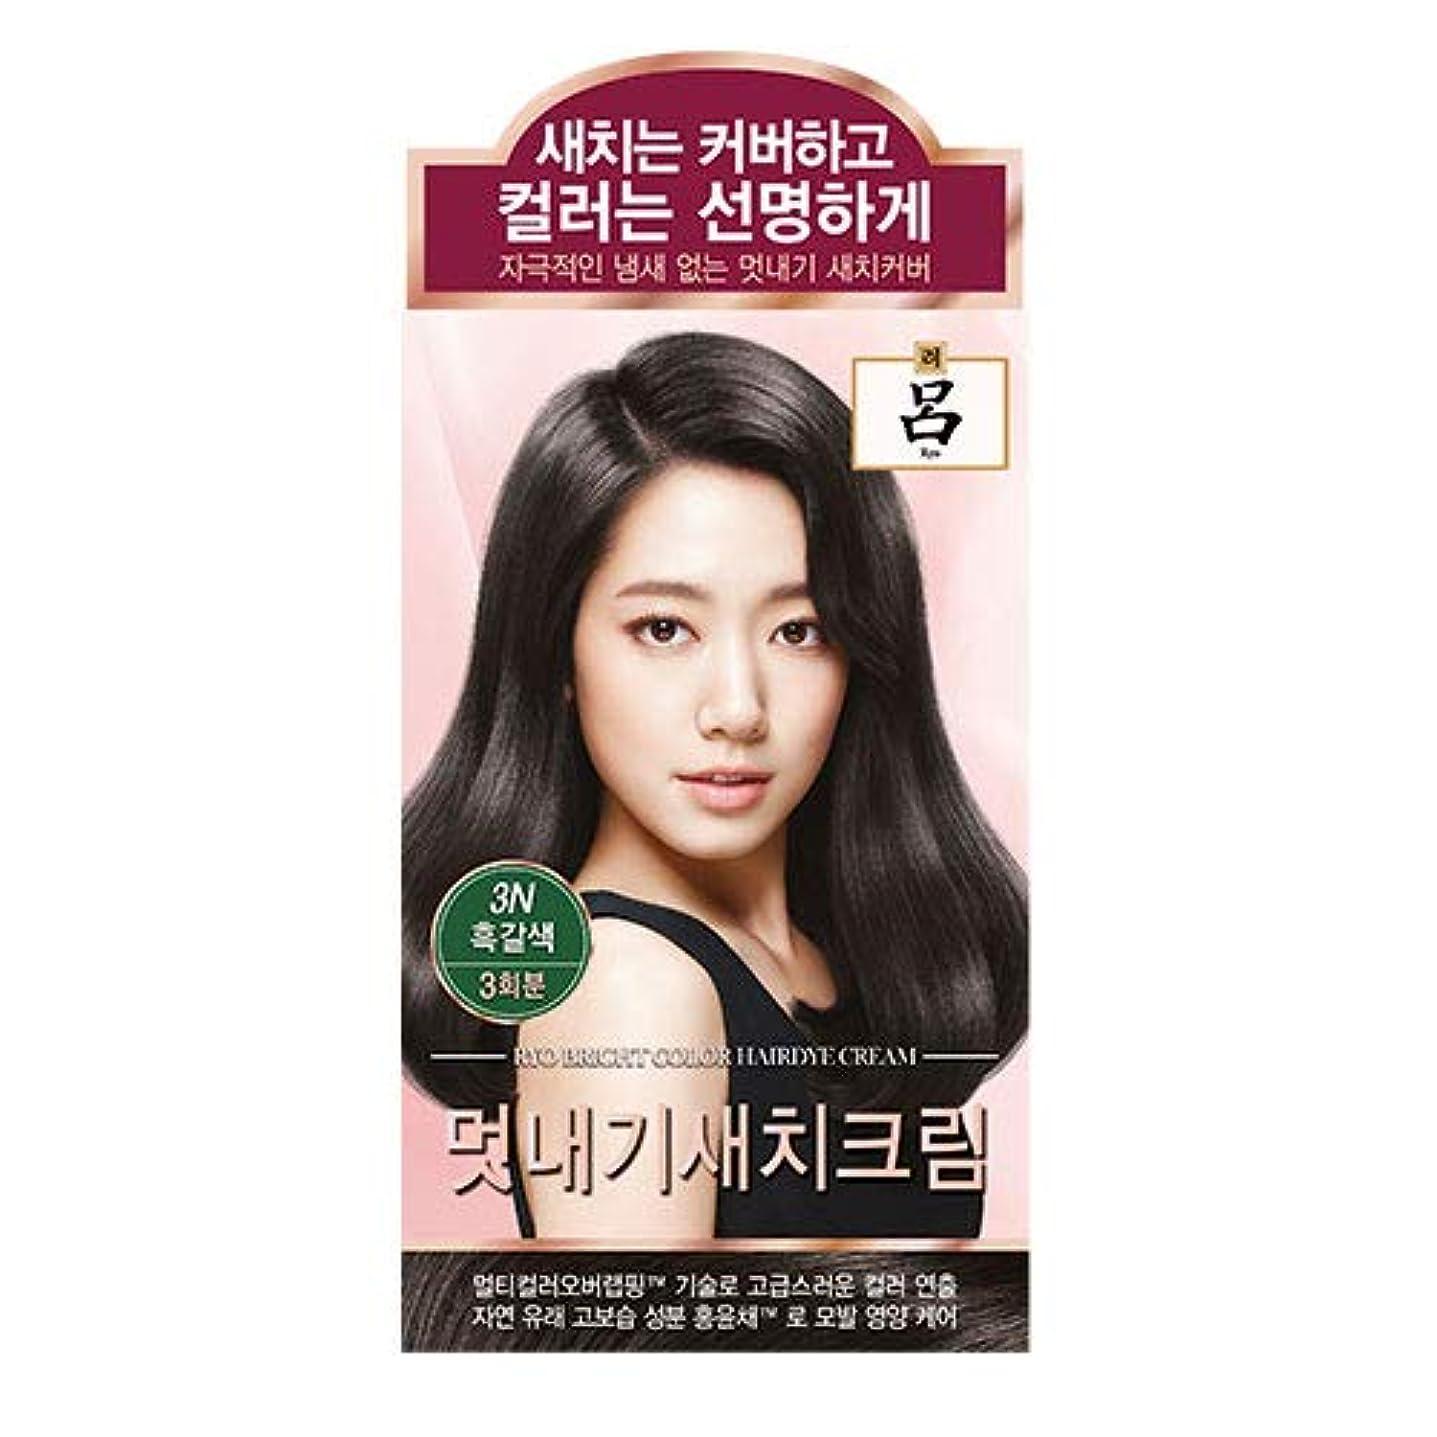 手配する弱いうんざりアモーレパシフィック呂[AMOREPACIFIC/Ryo] ブライトカラーヘアアイクリーム 3N ダークブラウン/Bright Color Hairdye Cream 3N Dark Brown